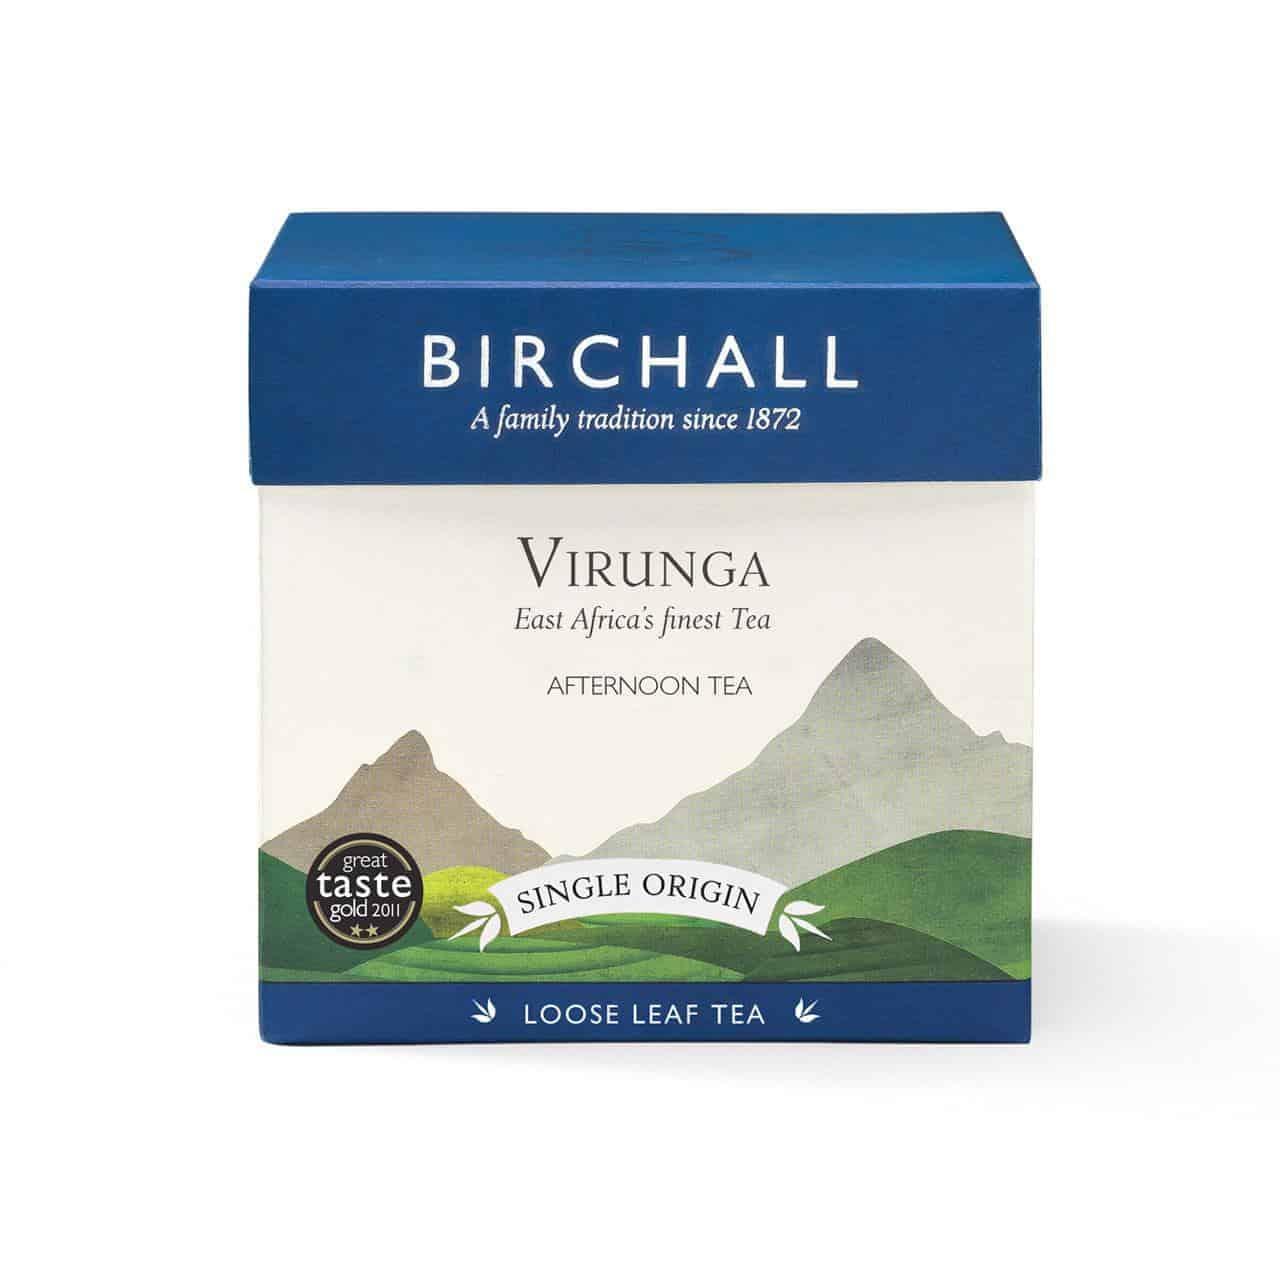 Birchall Virunga Afternoon Tea - Loose Leaf Tea